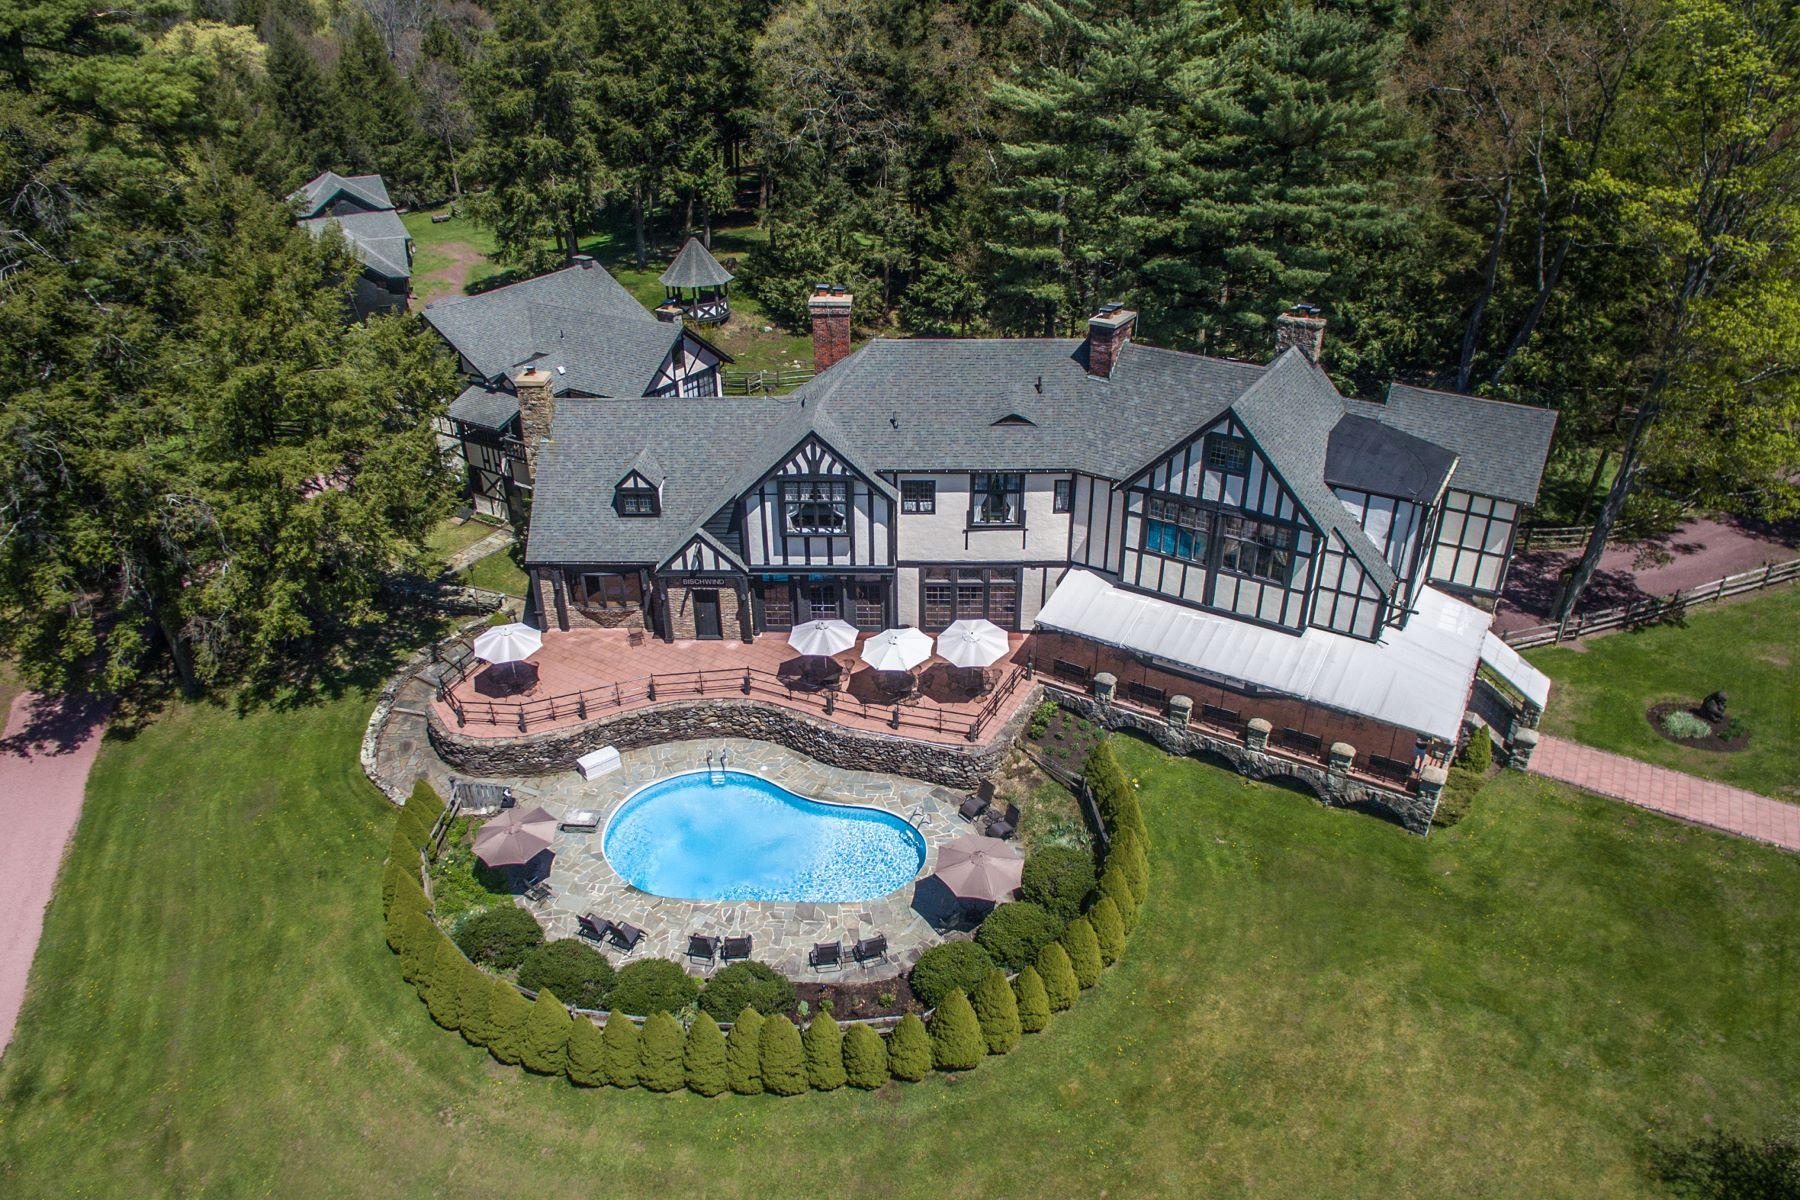 独户住宅 为 销售 在 1 Coach Rd Bear Creek, 宾夕法尼亚州 18602 美国